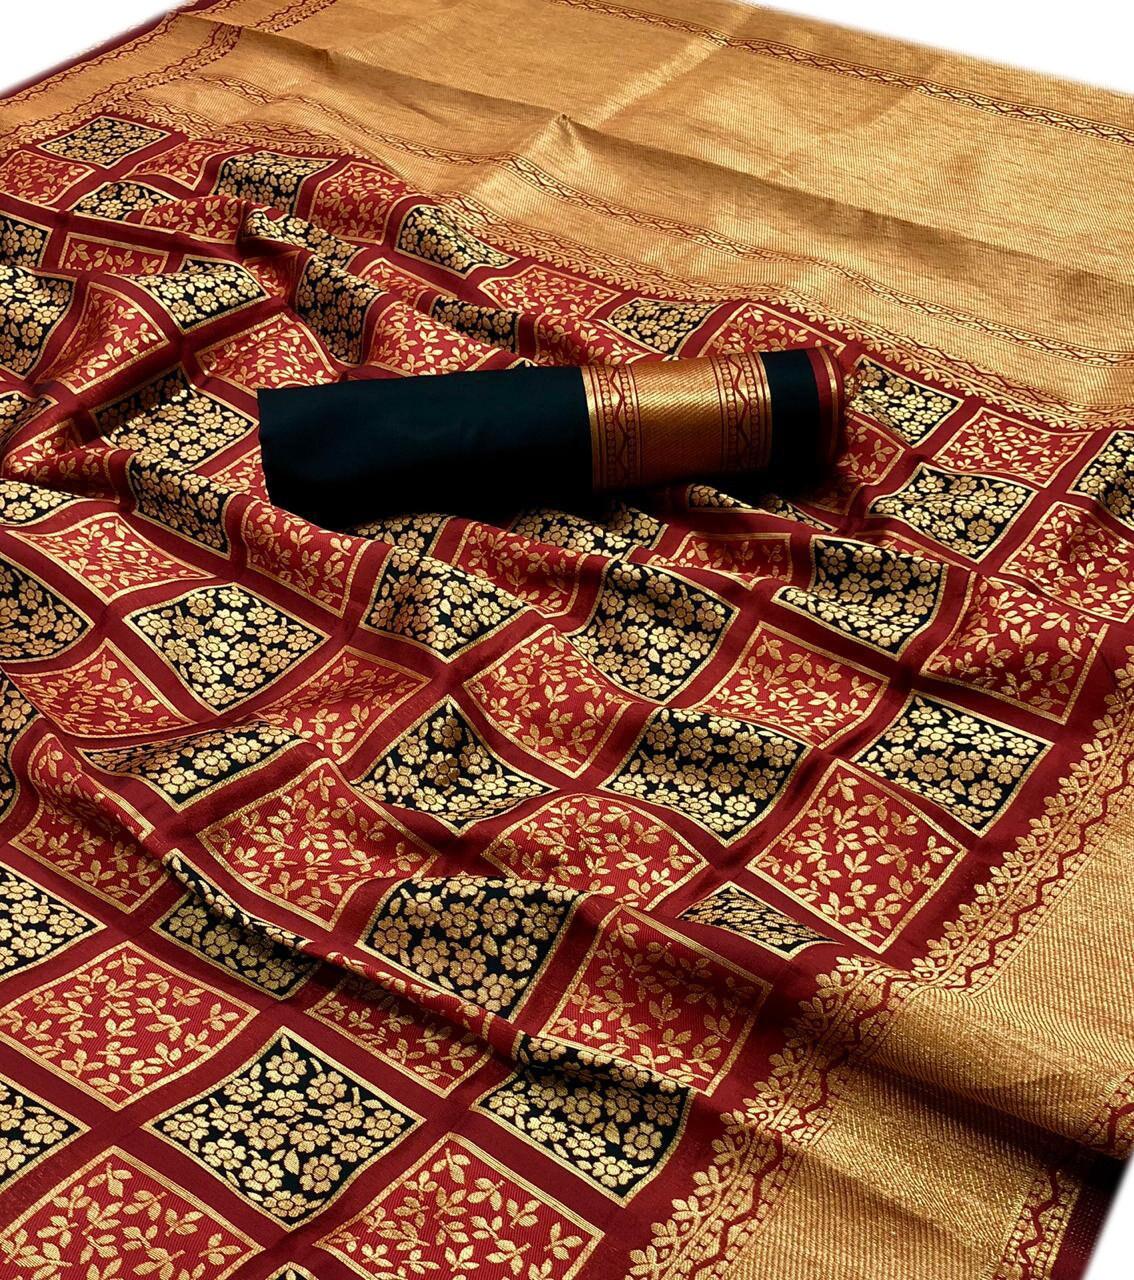 X-mas spécial rouge mariage porter femmes Floral motif Art Art motif soie tissage Saree indien contraste Pallu et contraste correspondant chemisier Sari 954630